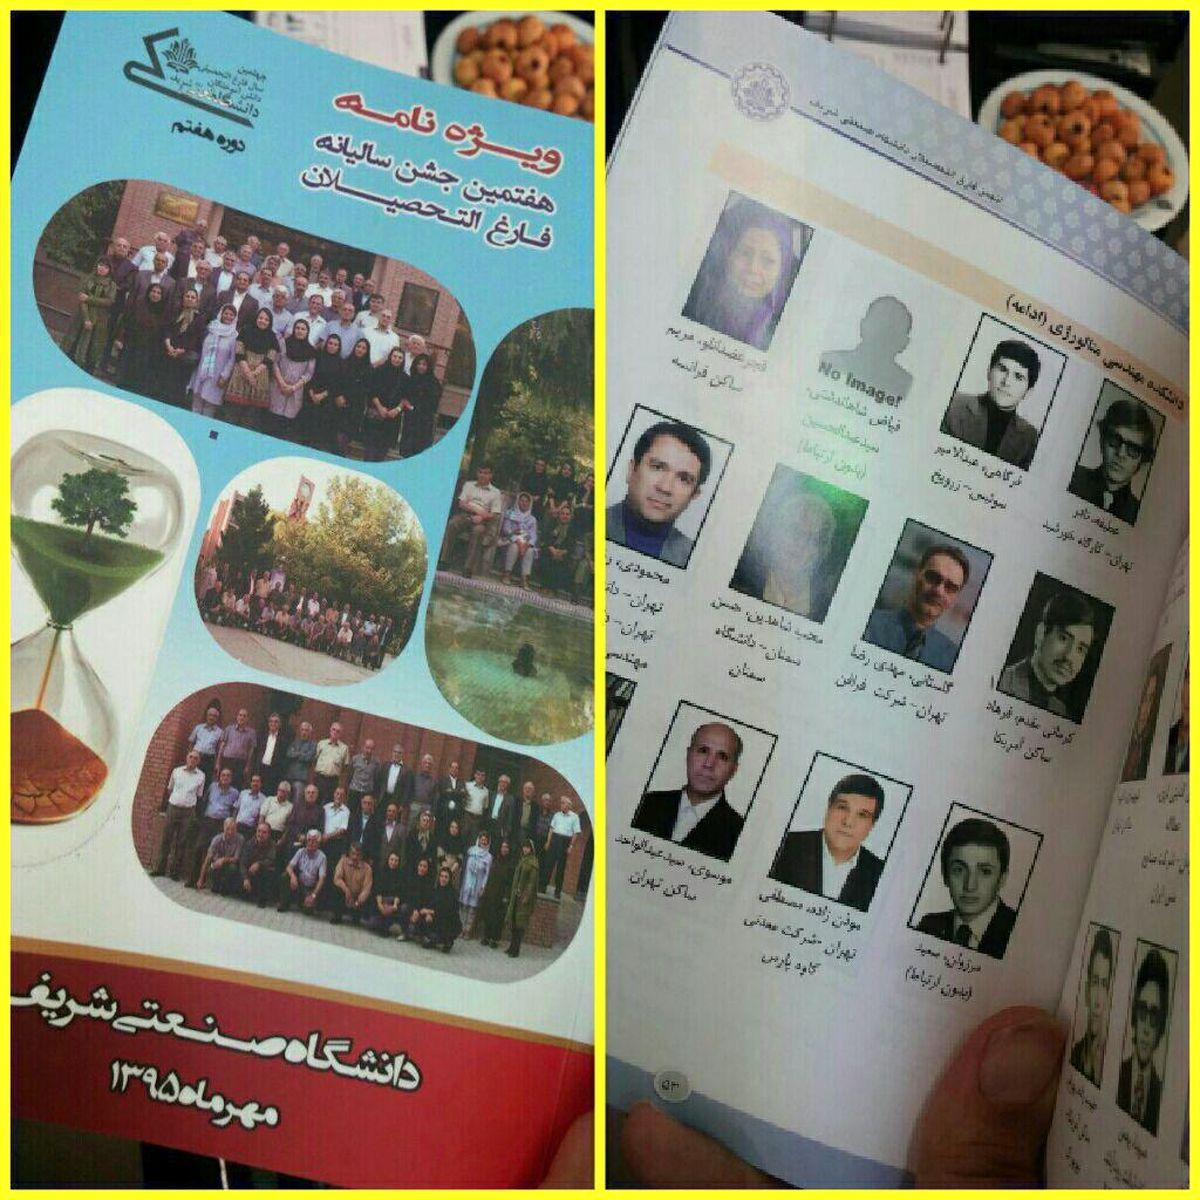 جنجال چاپ عکس مریم رجوی در دانشگاه شریف